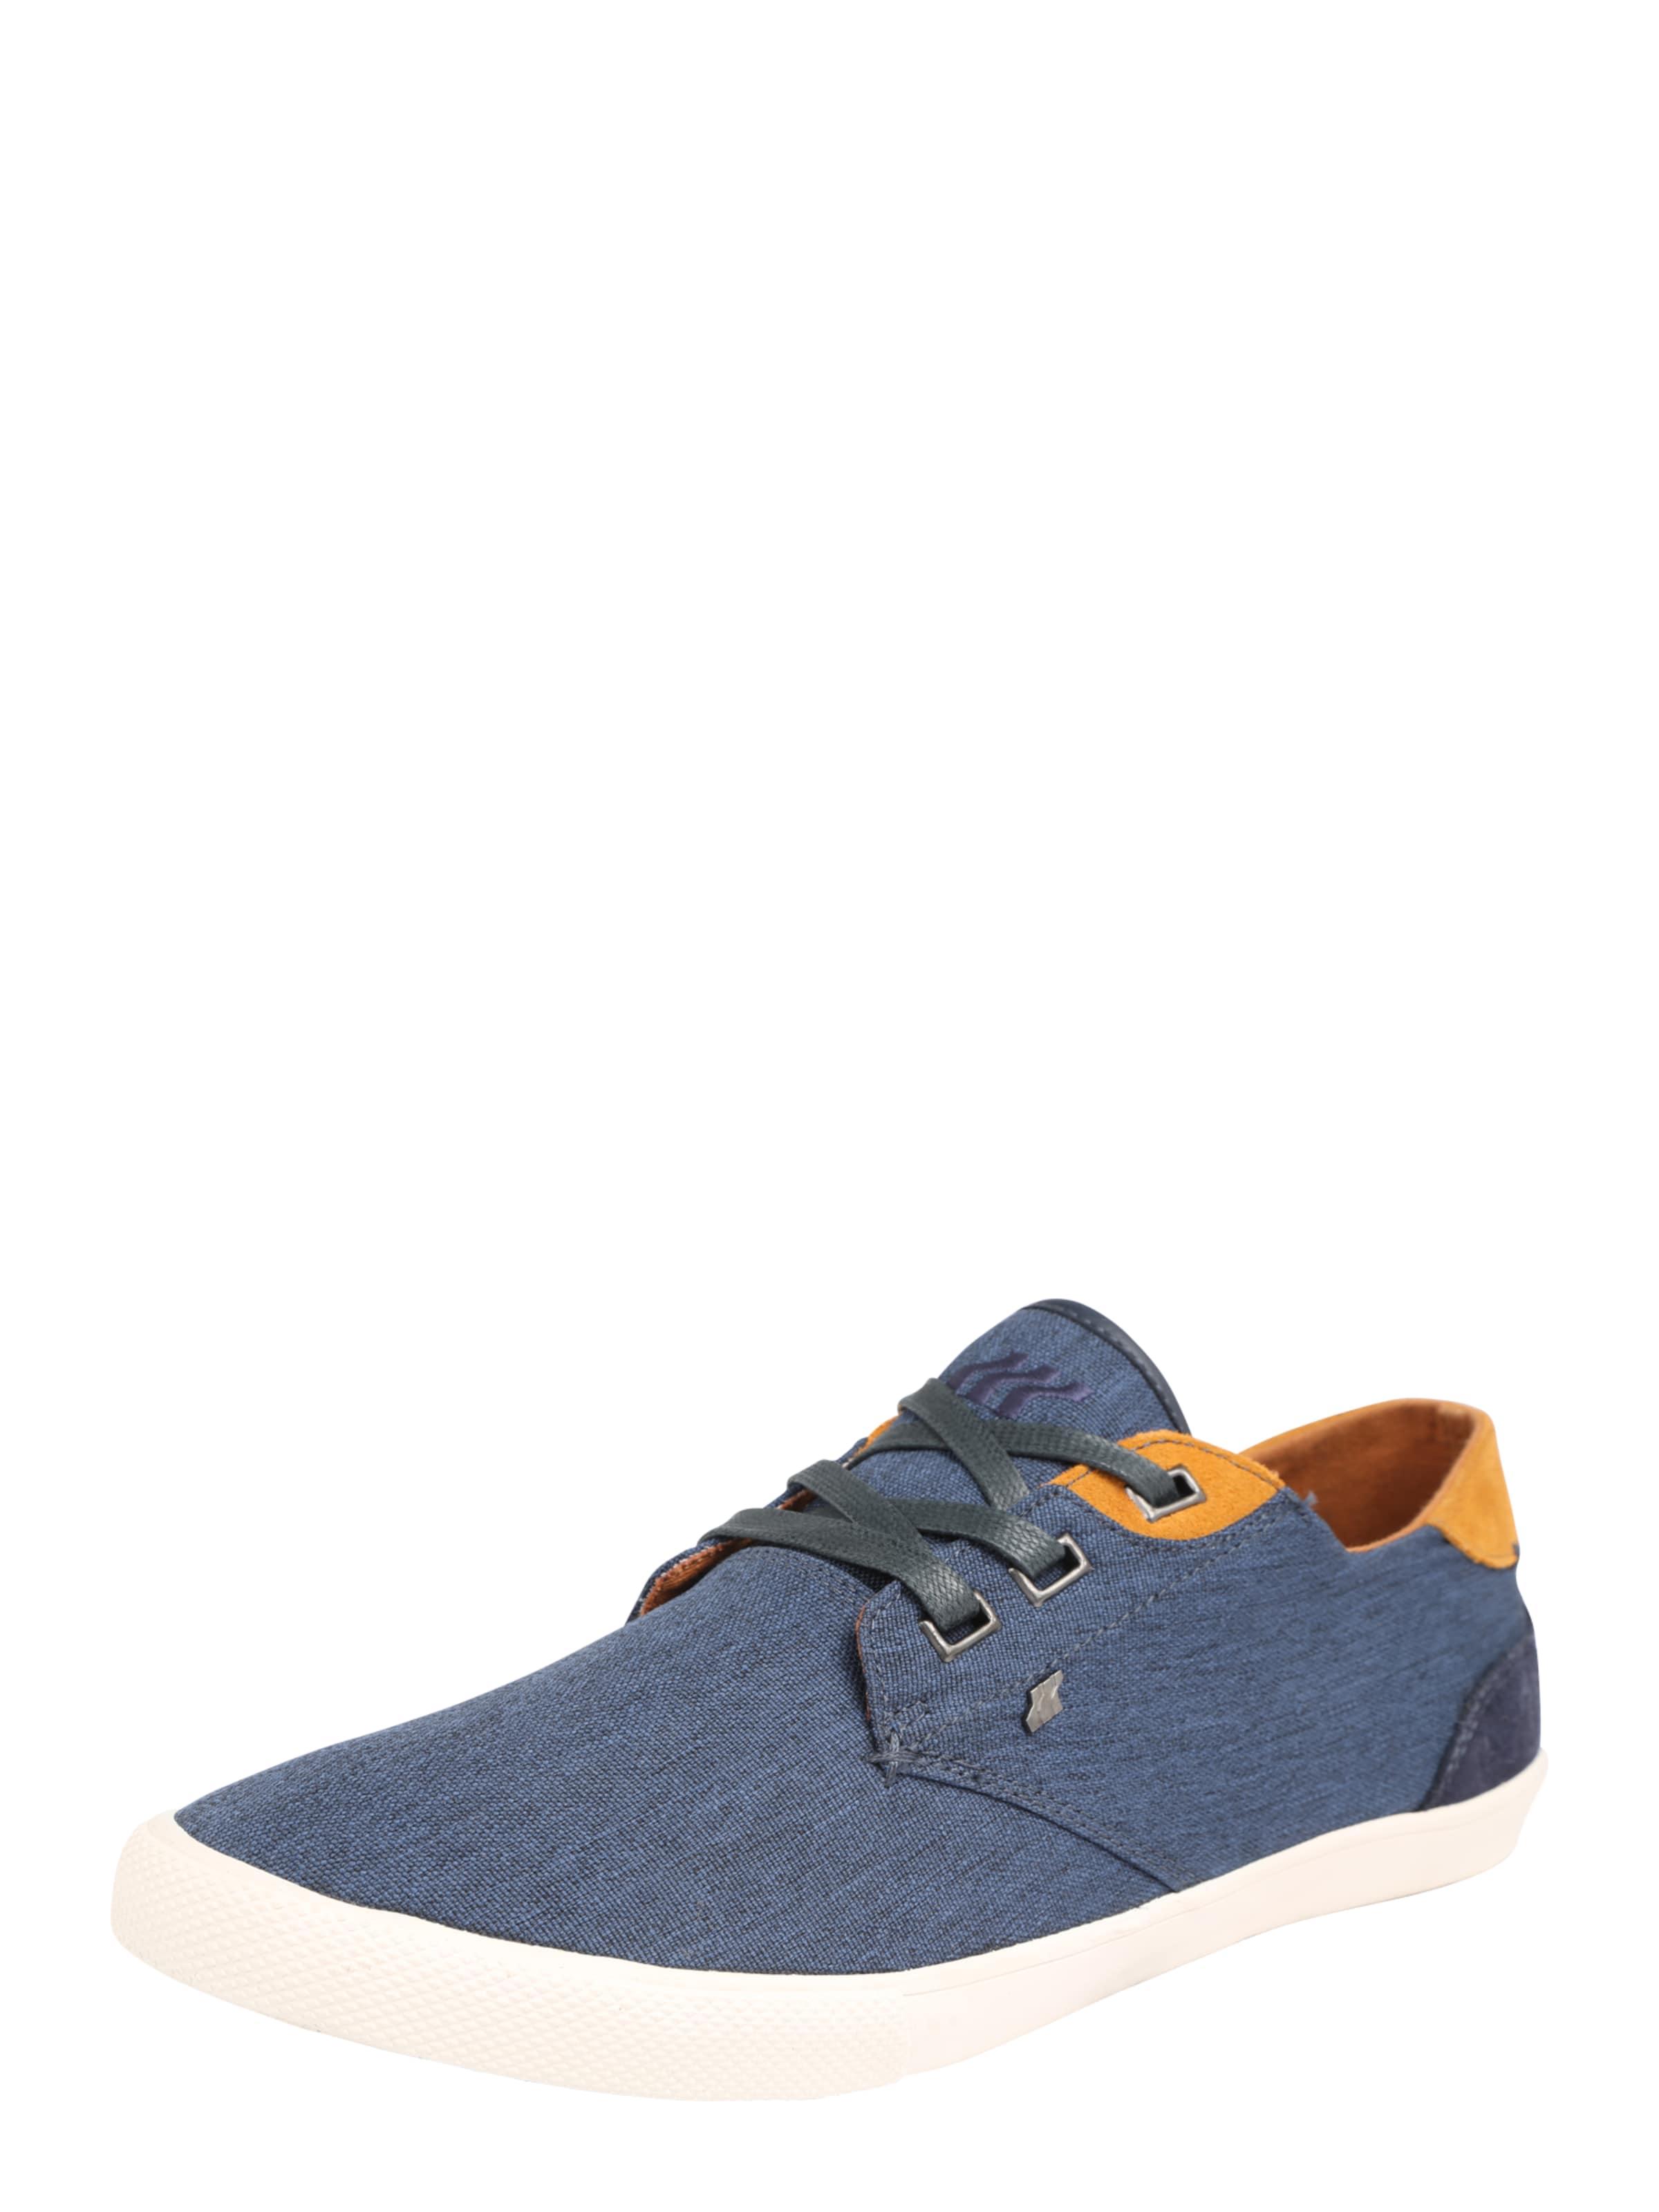 BOXFRESH Sneaker mit breiten Schnürsenkeln Hohe Qualität